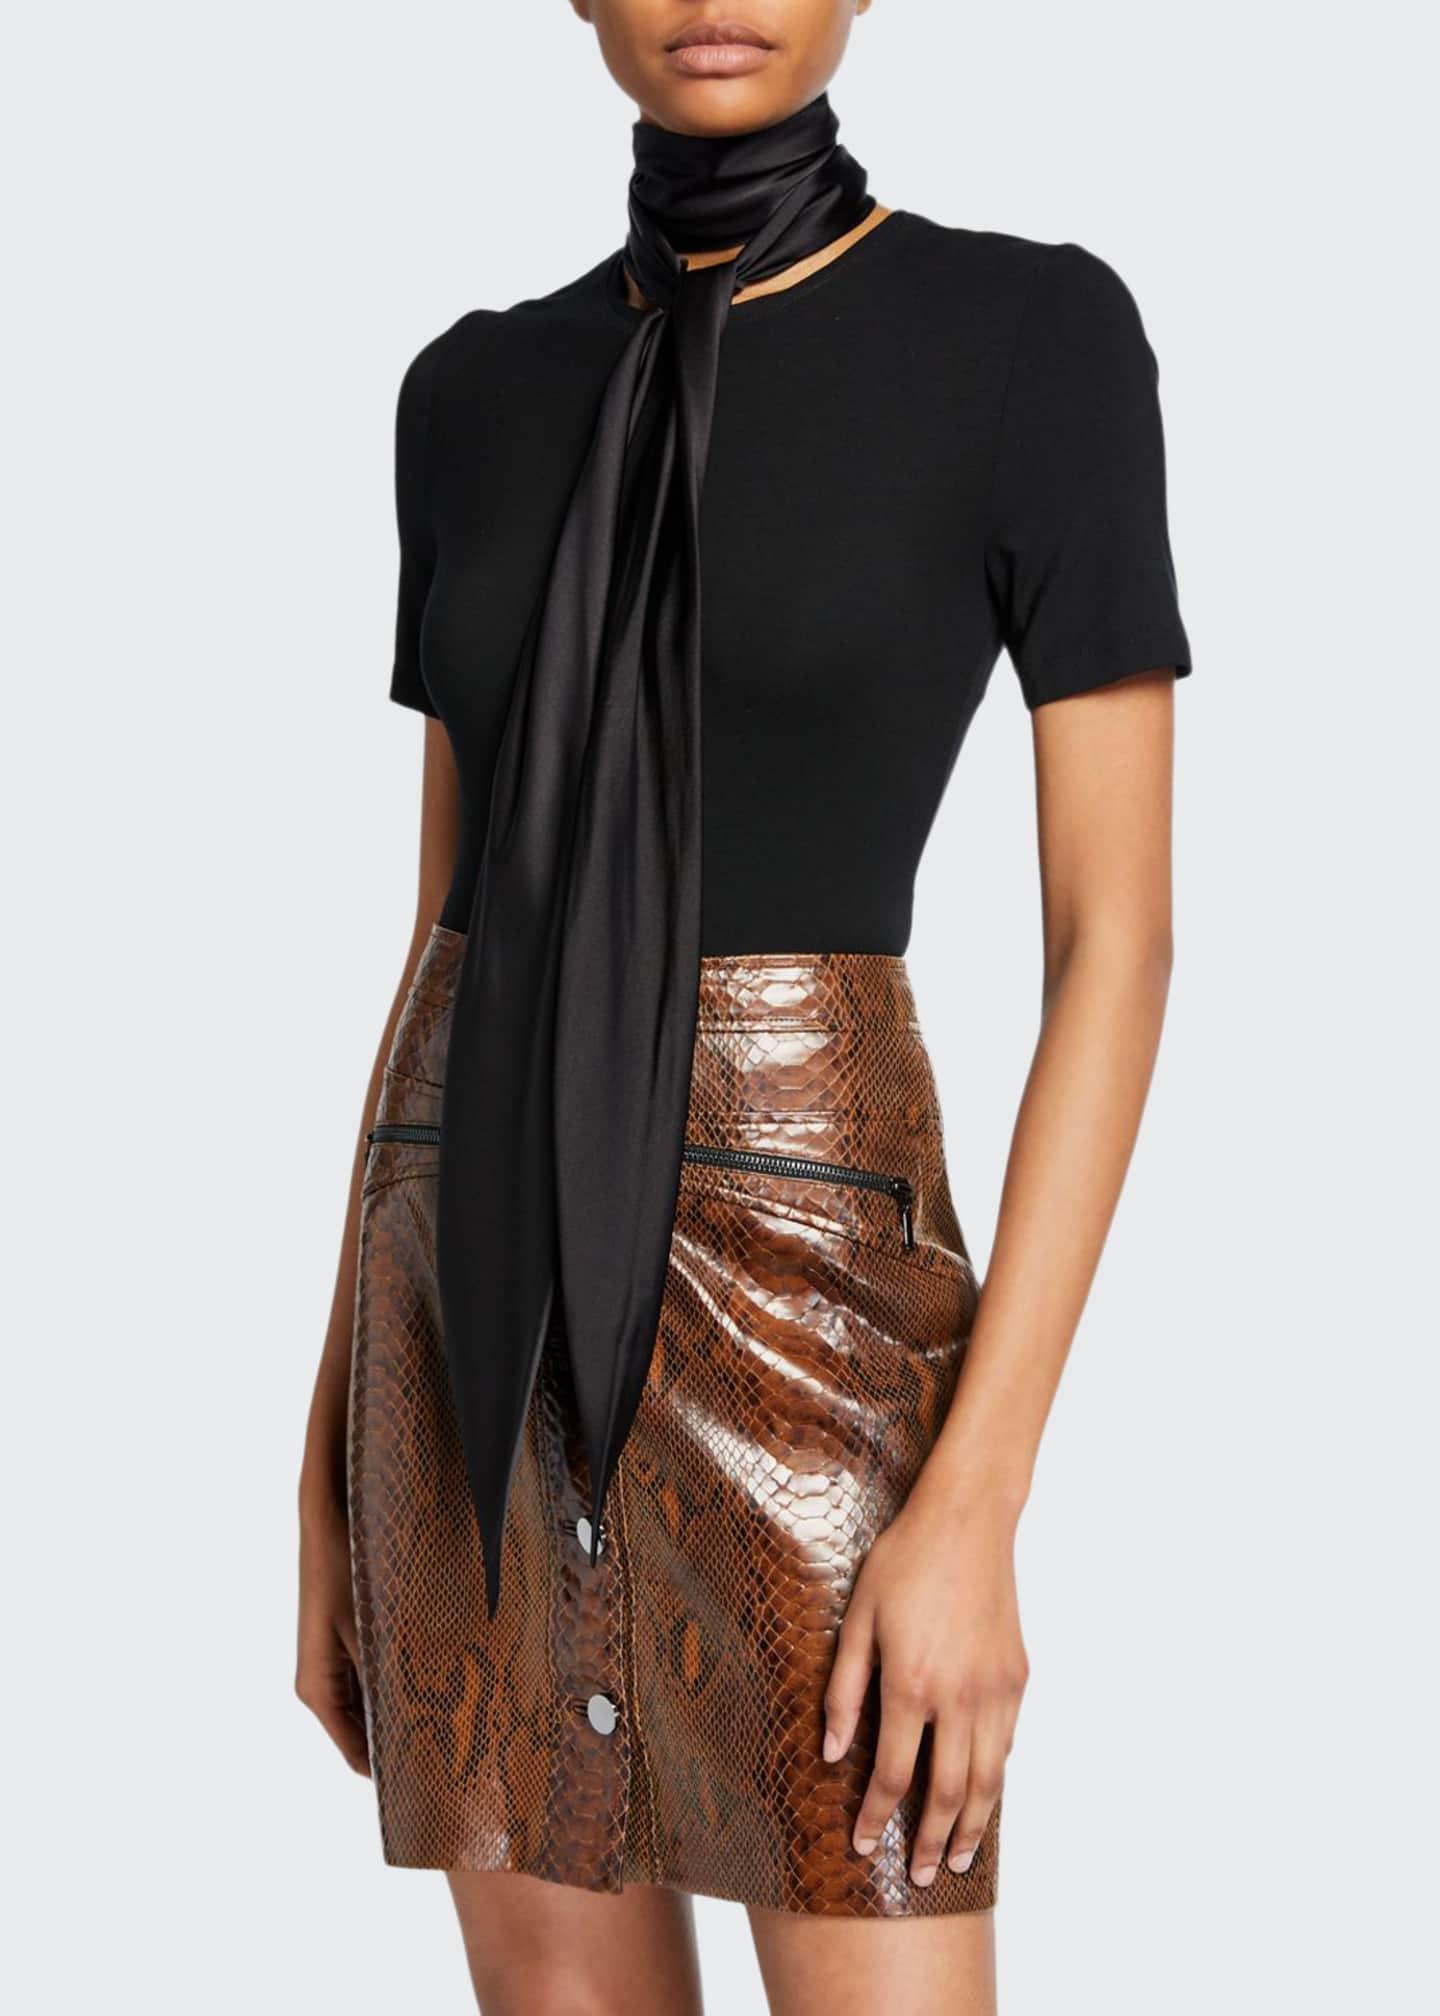 Elie Tahari Elisandra Knit Short-Sleeve Top